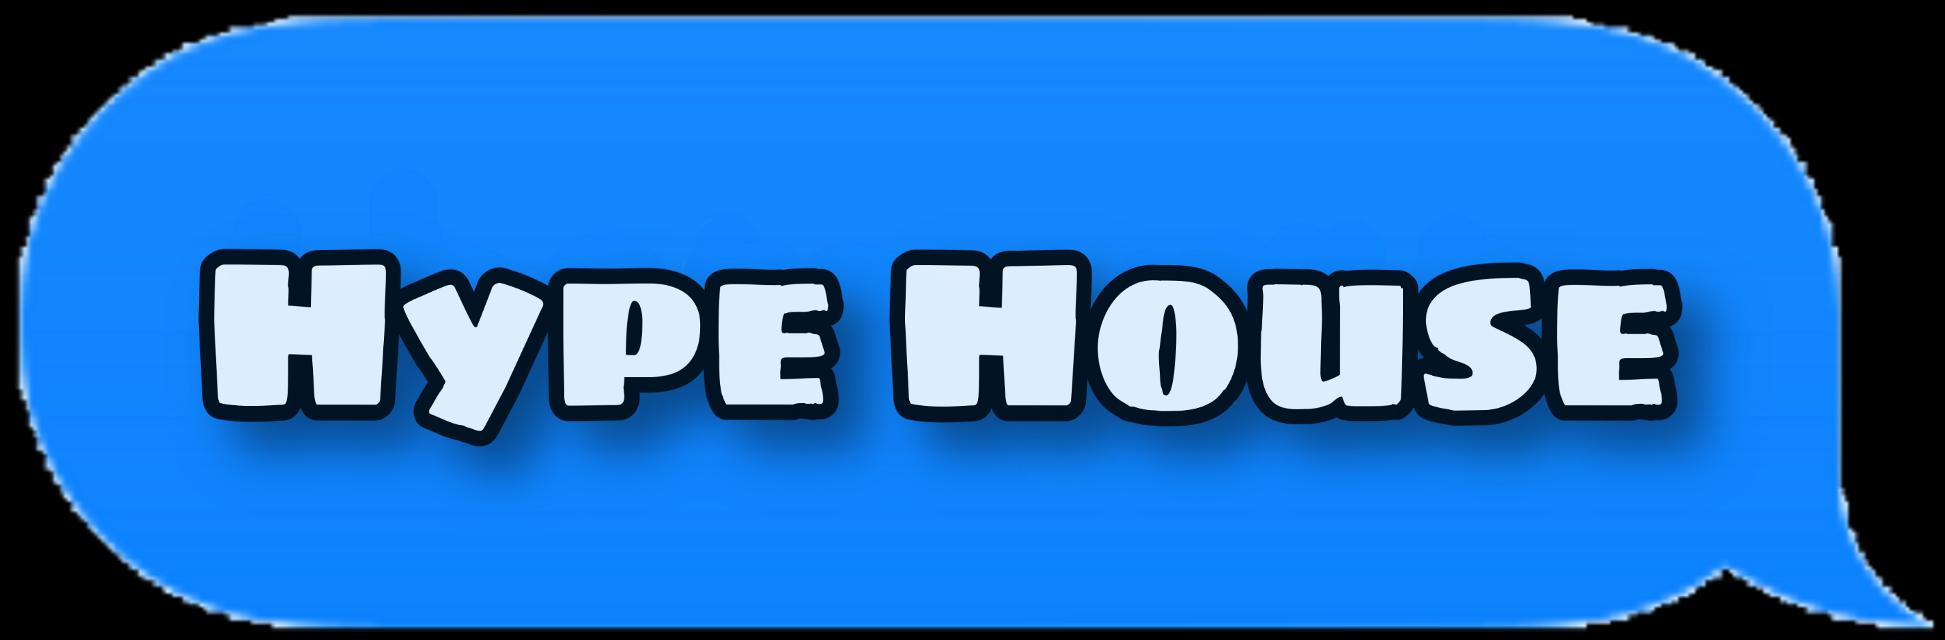 #freetoedit #hypehousetext #hypehouse #tiktok